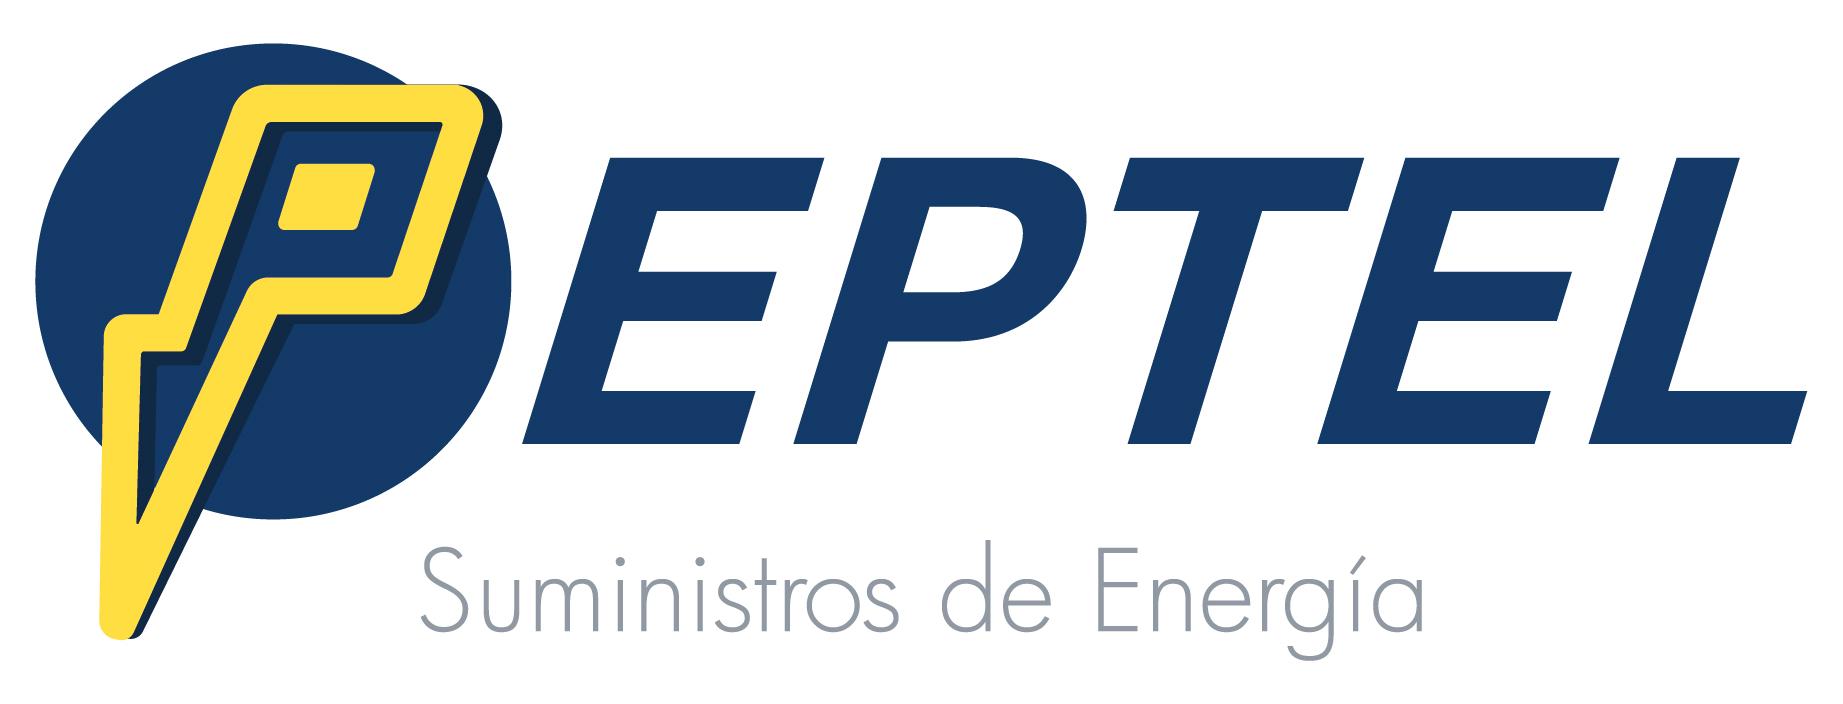 Peptel logo JPG